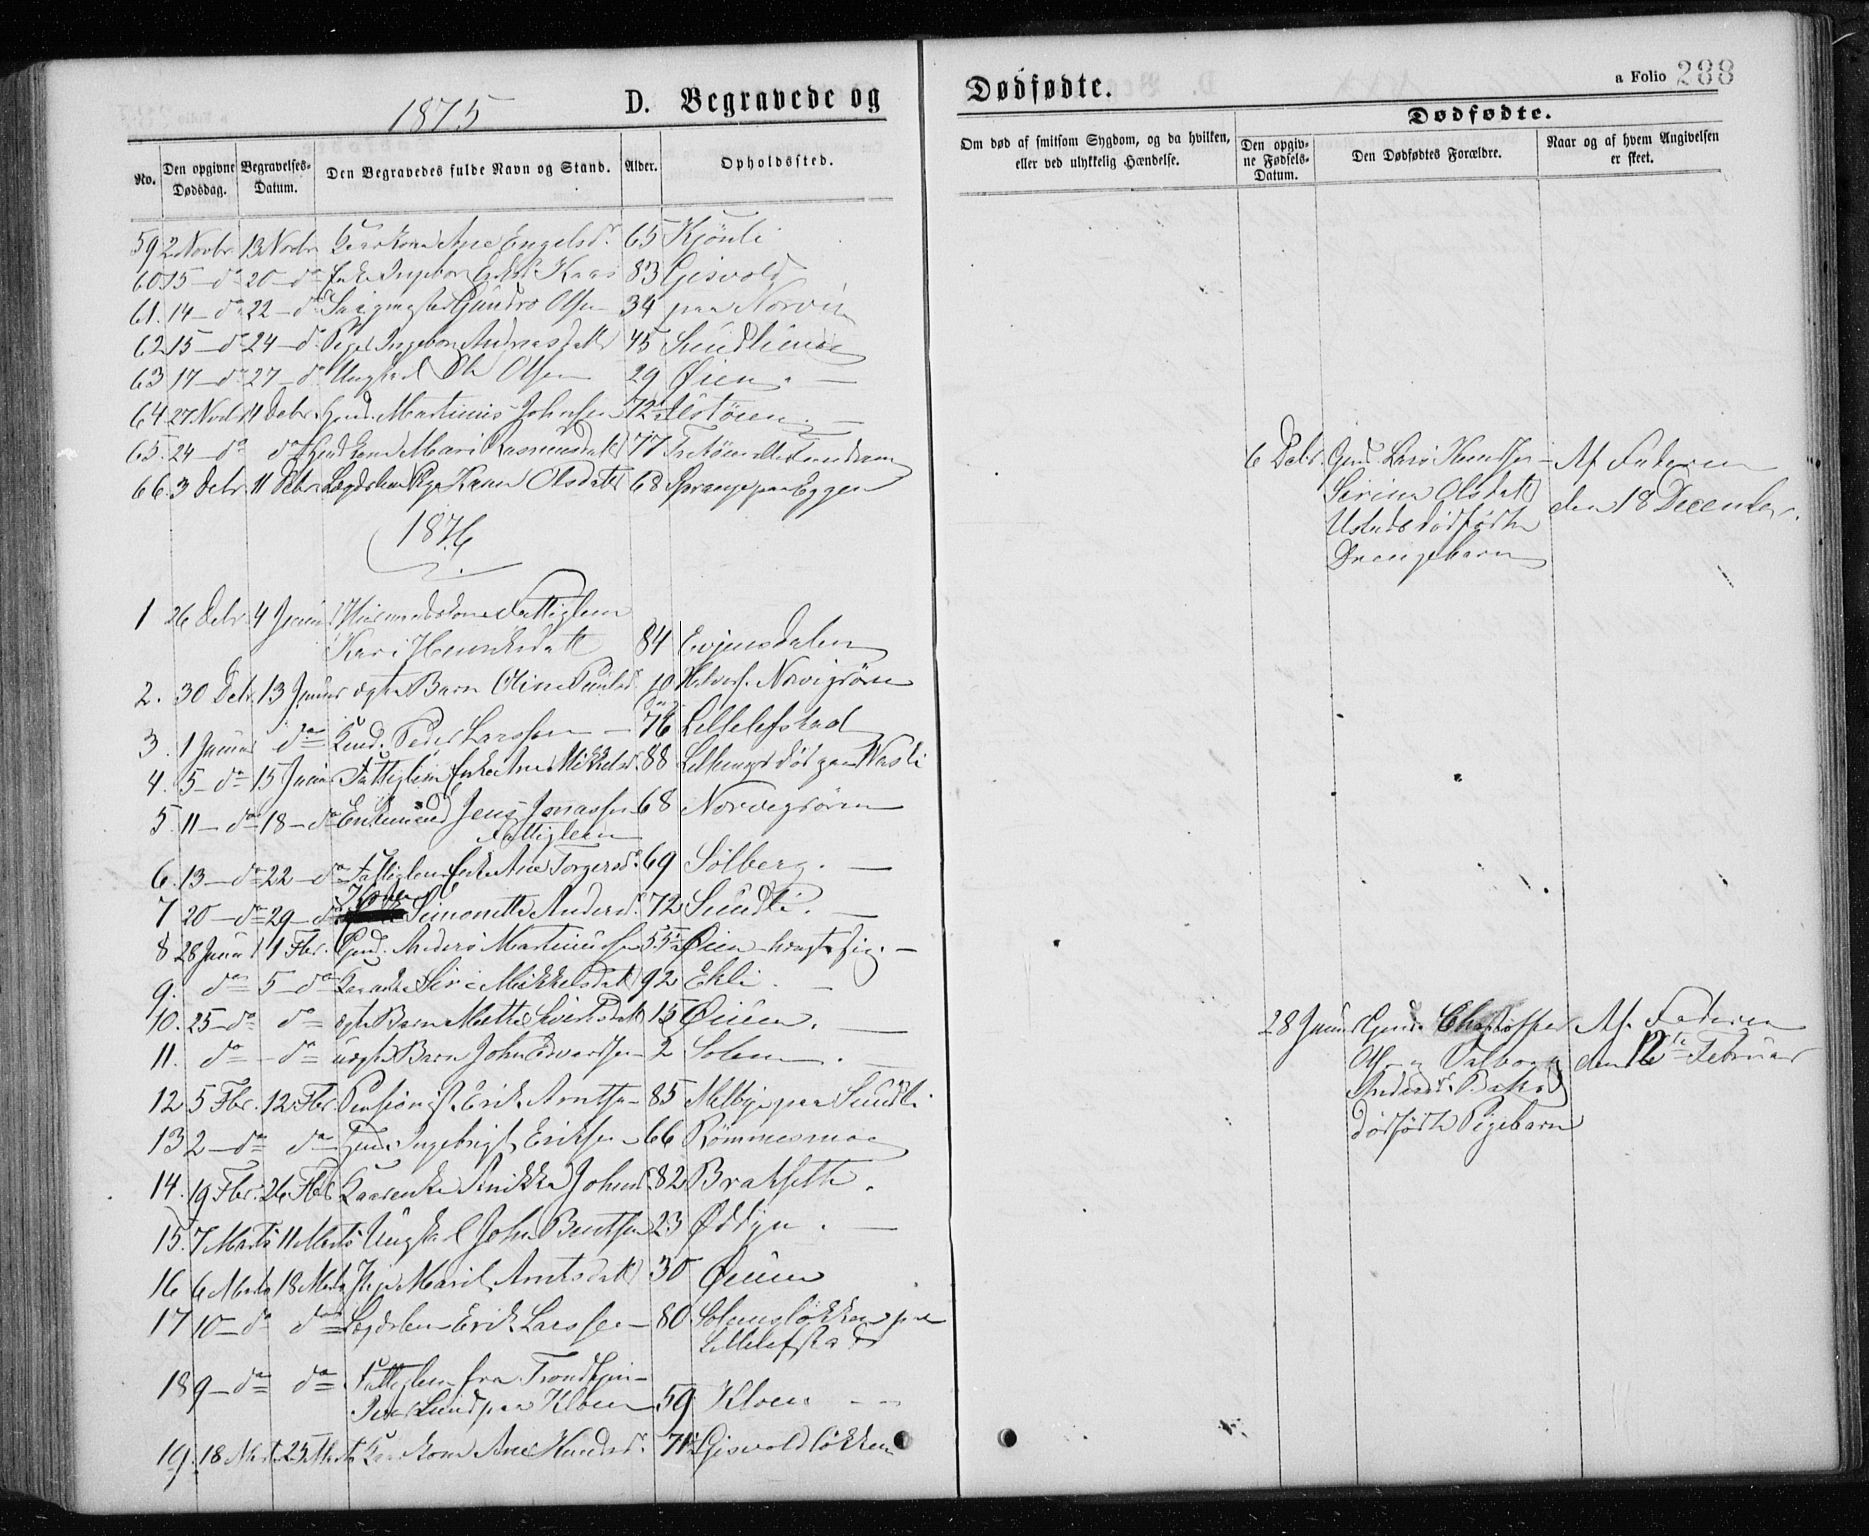 SAT, Ministerialprotokoller, klokkerbøker og fødselsregistre - Sør-Trøndelag, 668/L0817: Klokkerbok nr. 668C06, 1873-1884, s. 288